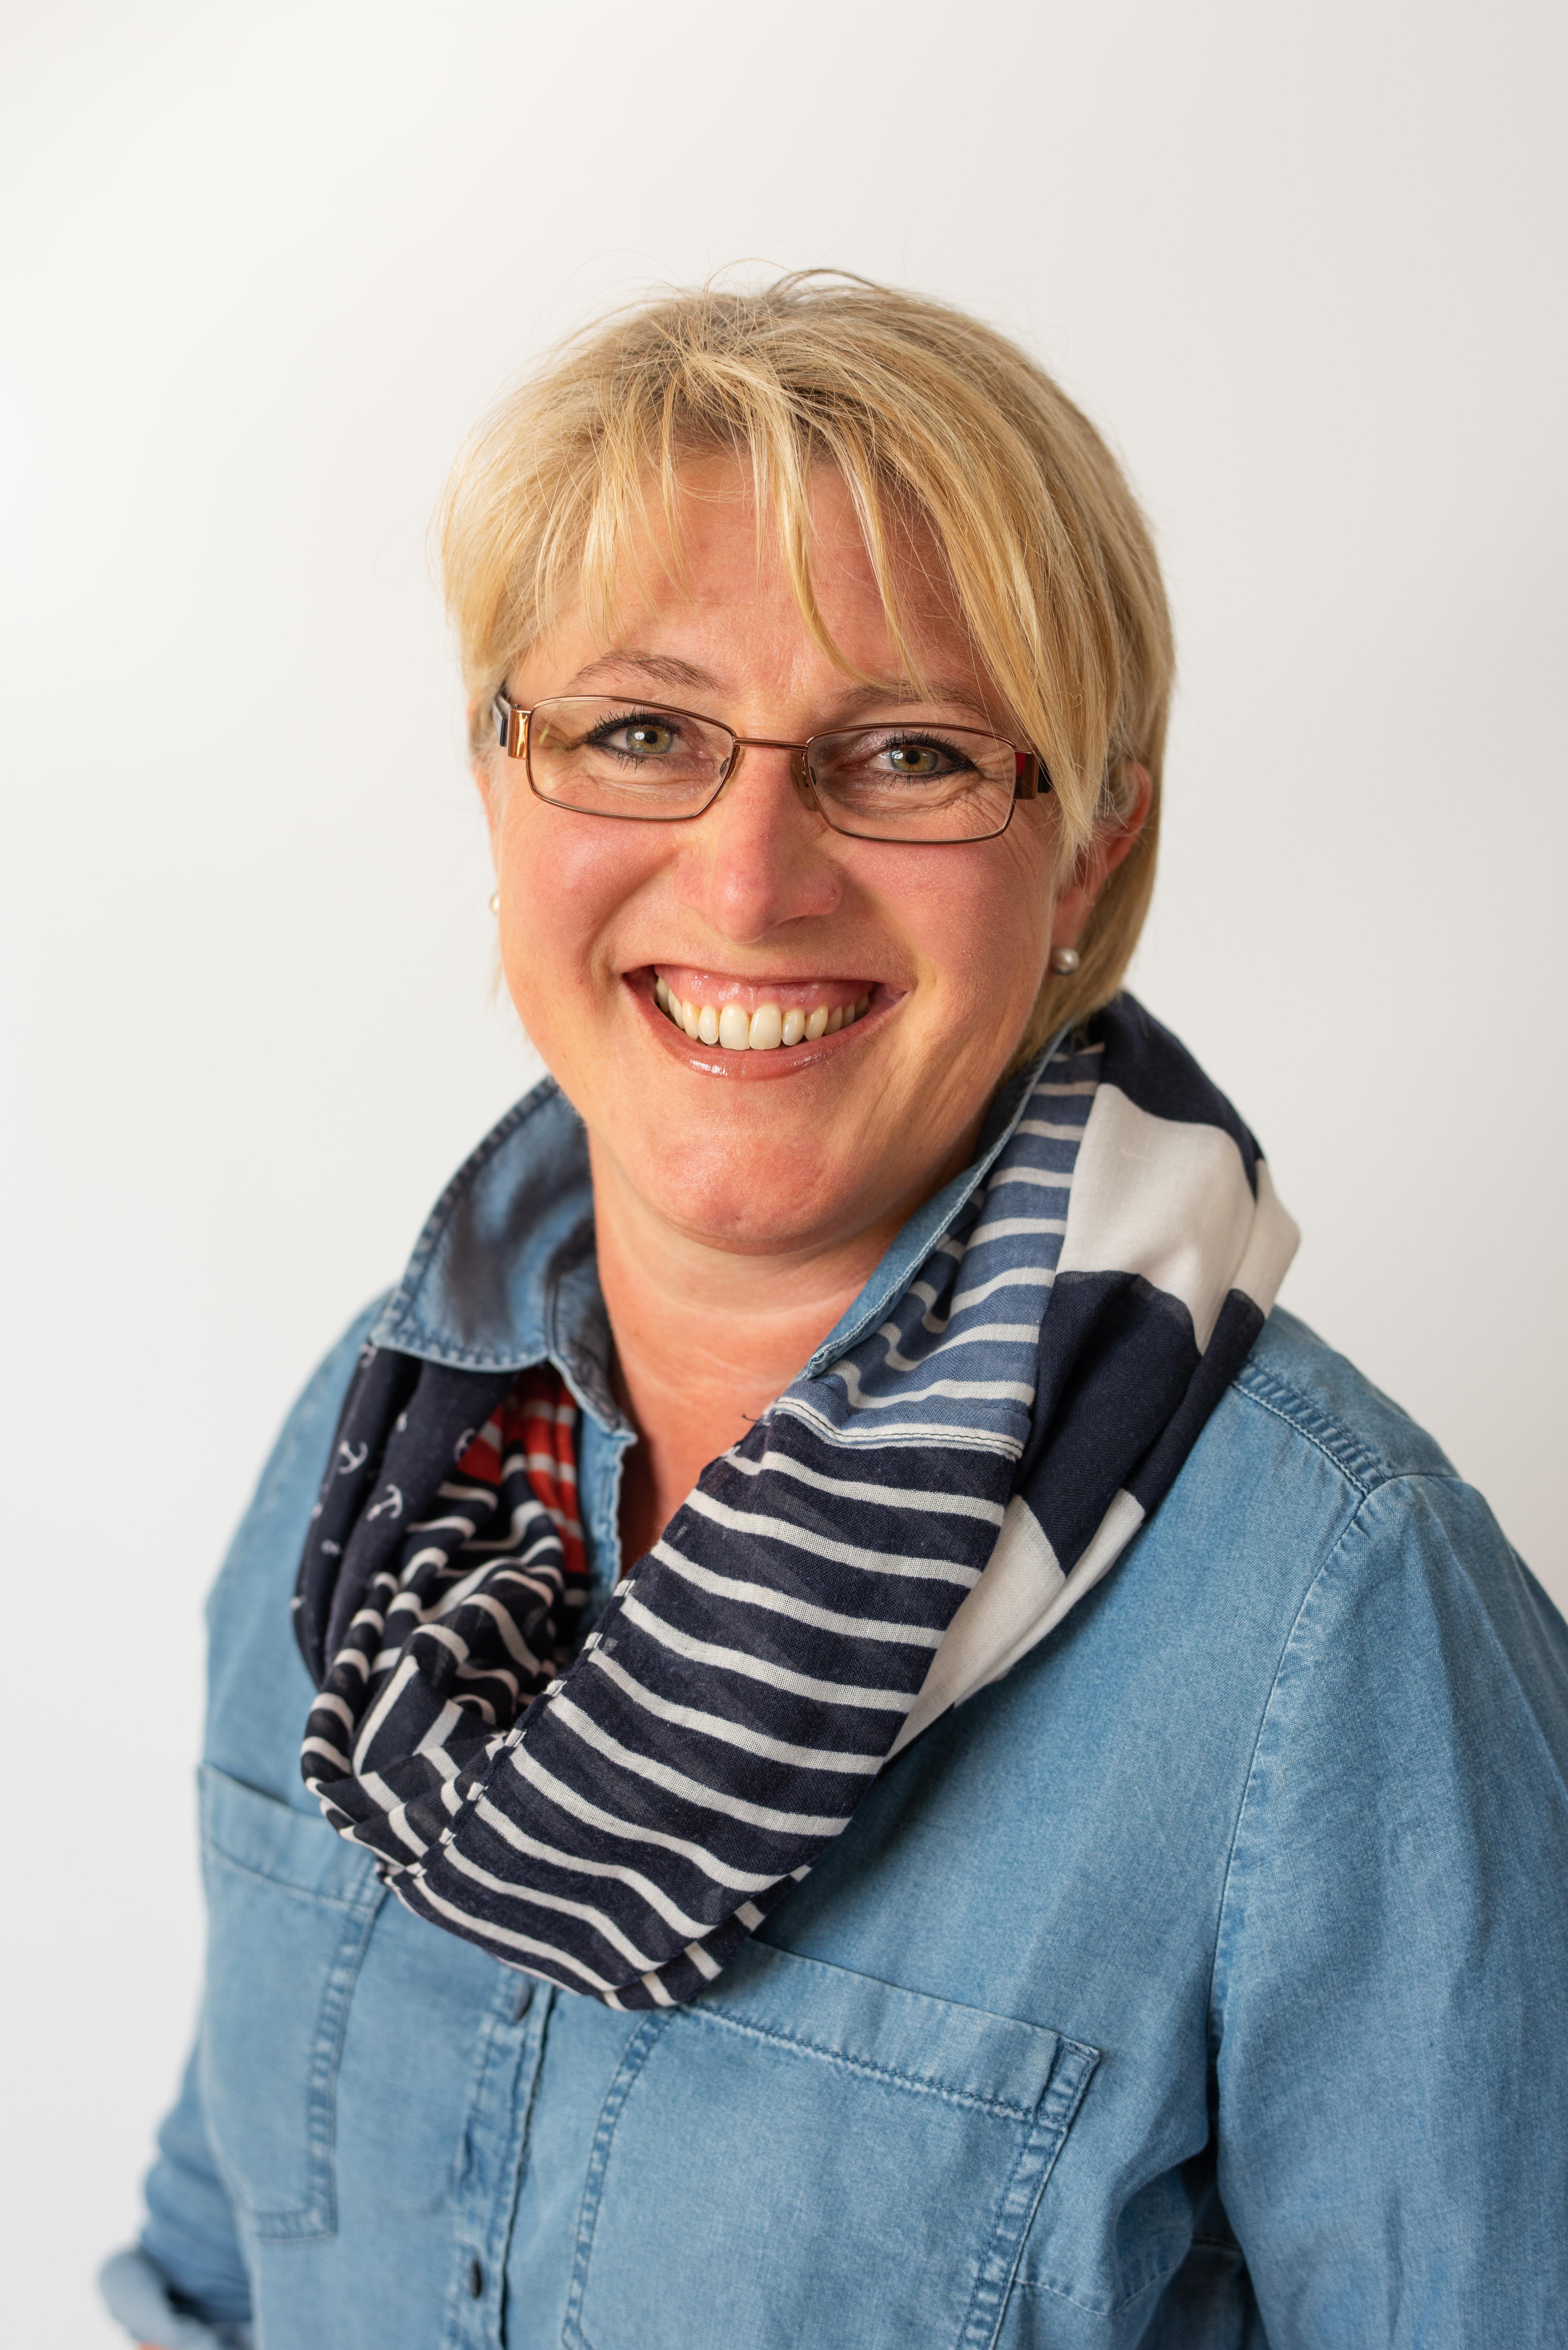 Birgit Nagl